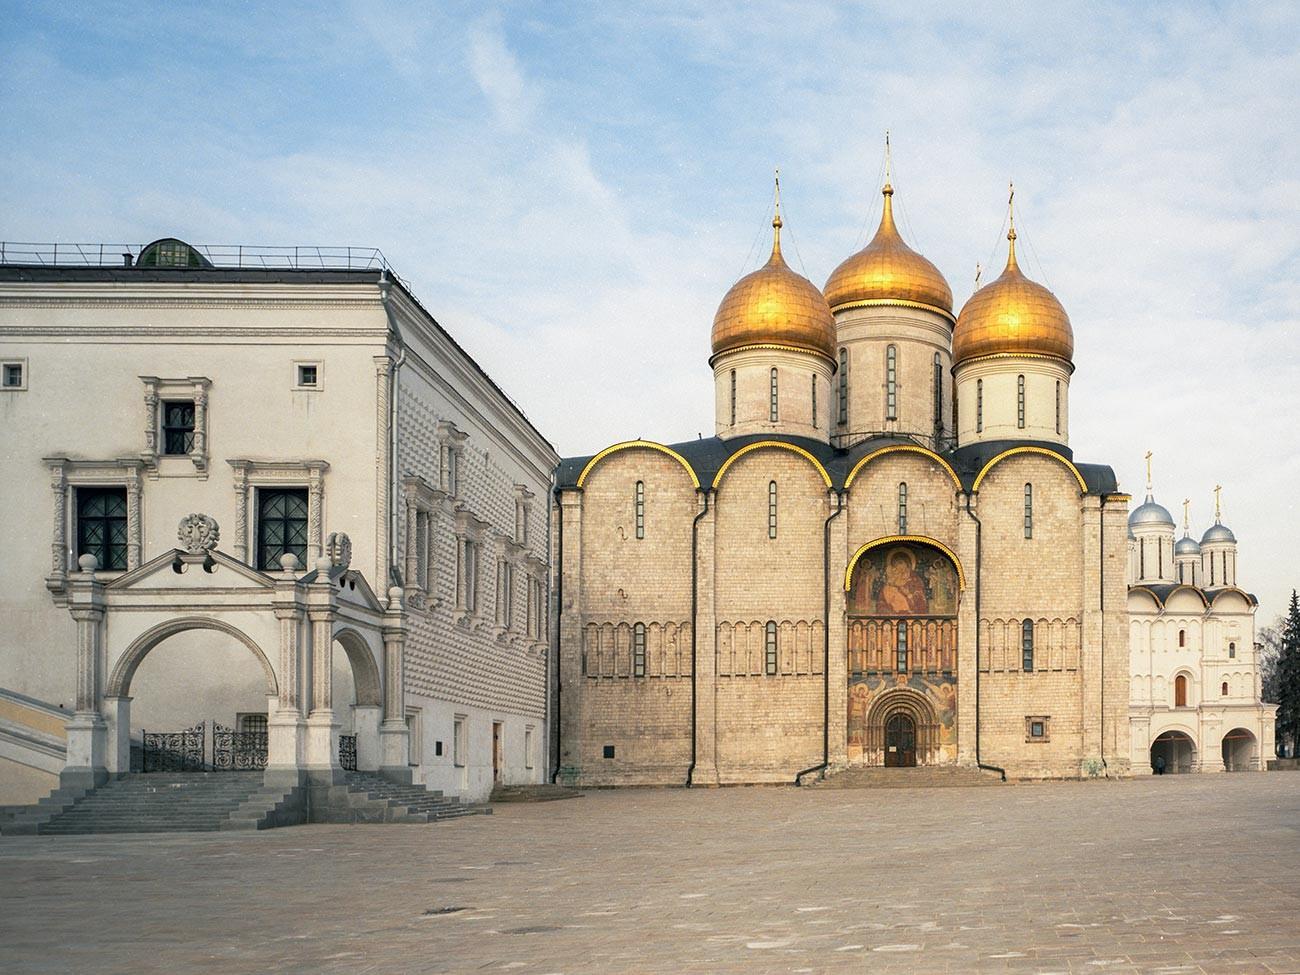 Facettenpalast (l) und Mariä-Entschlafens-Kathedrale (r)